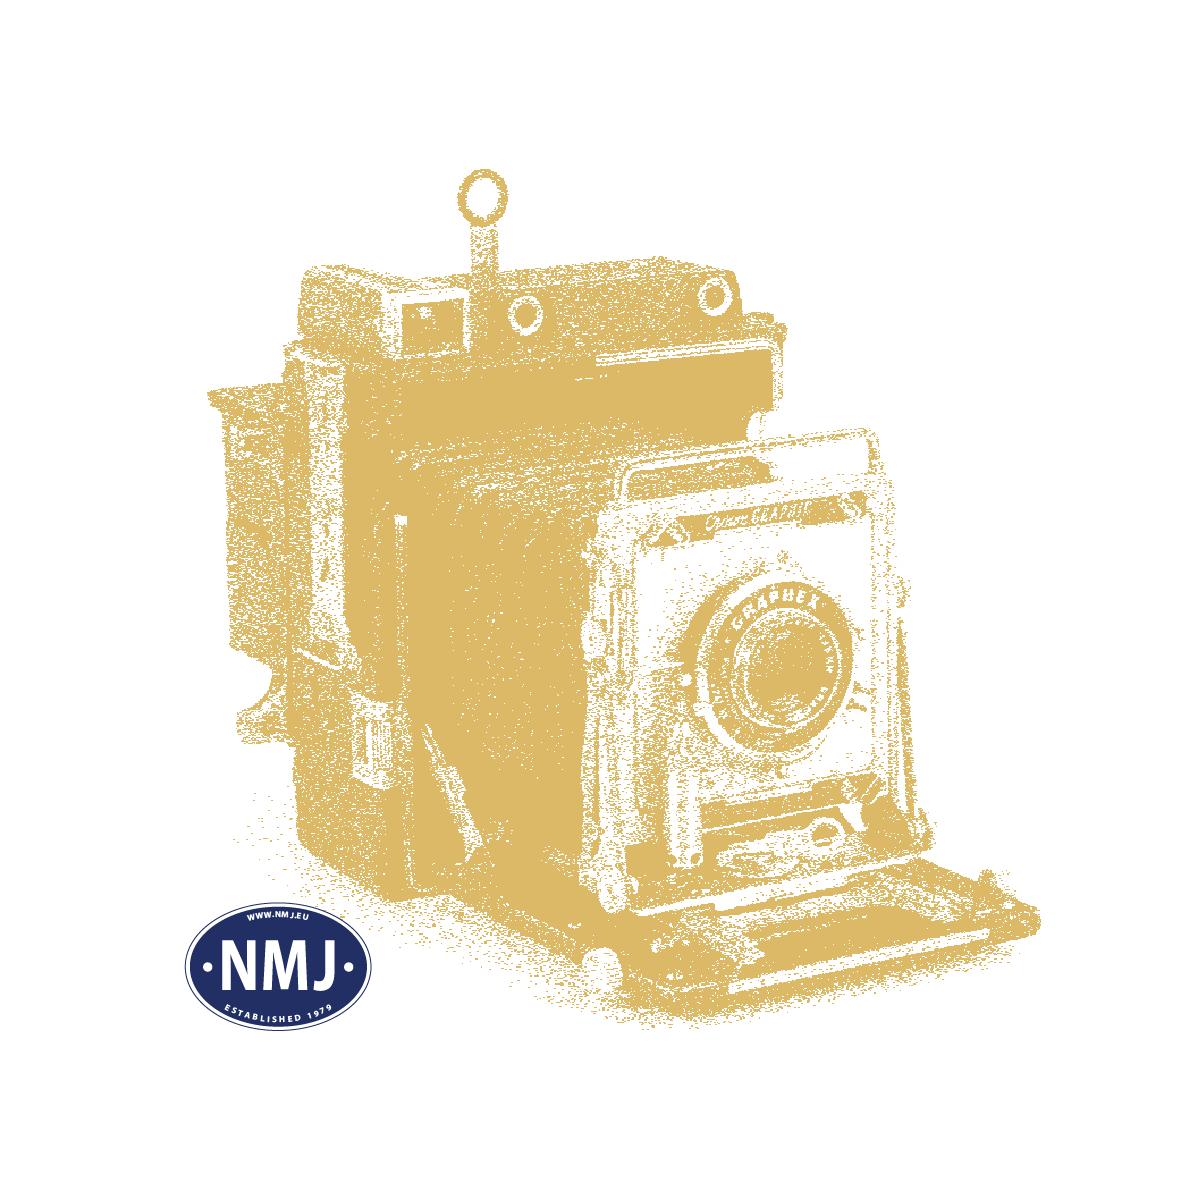 NMJT507.119 - NMJ Topline CargoNet Lgns 42 76 443 2003-8 POSTEN